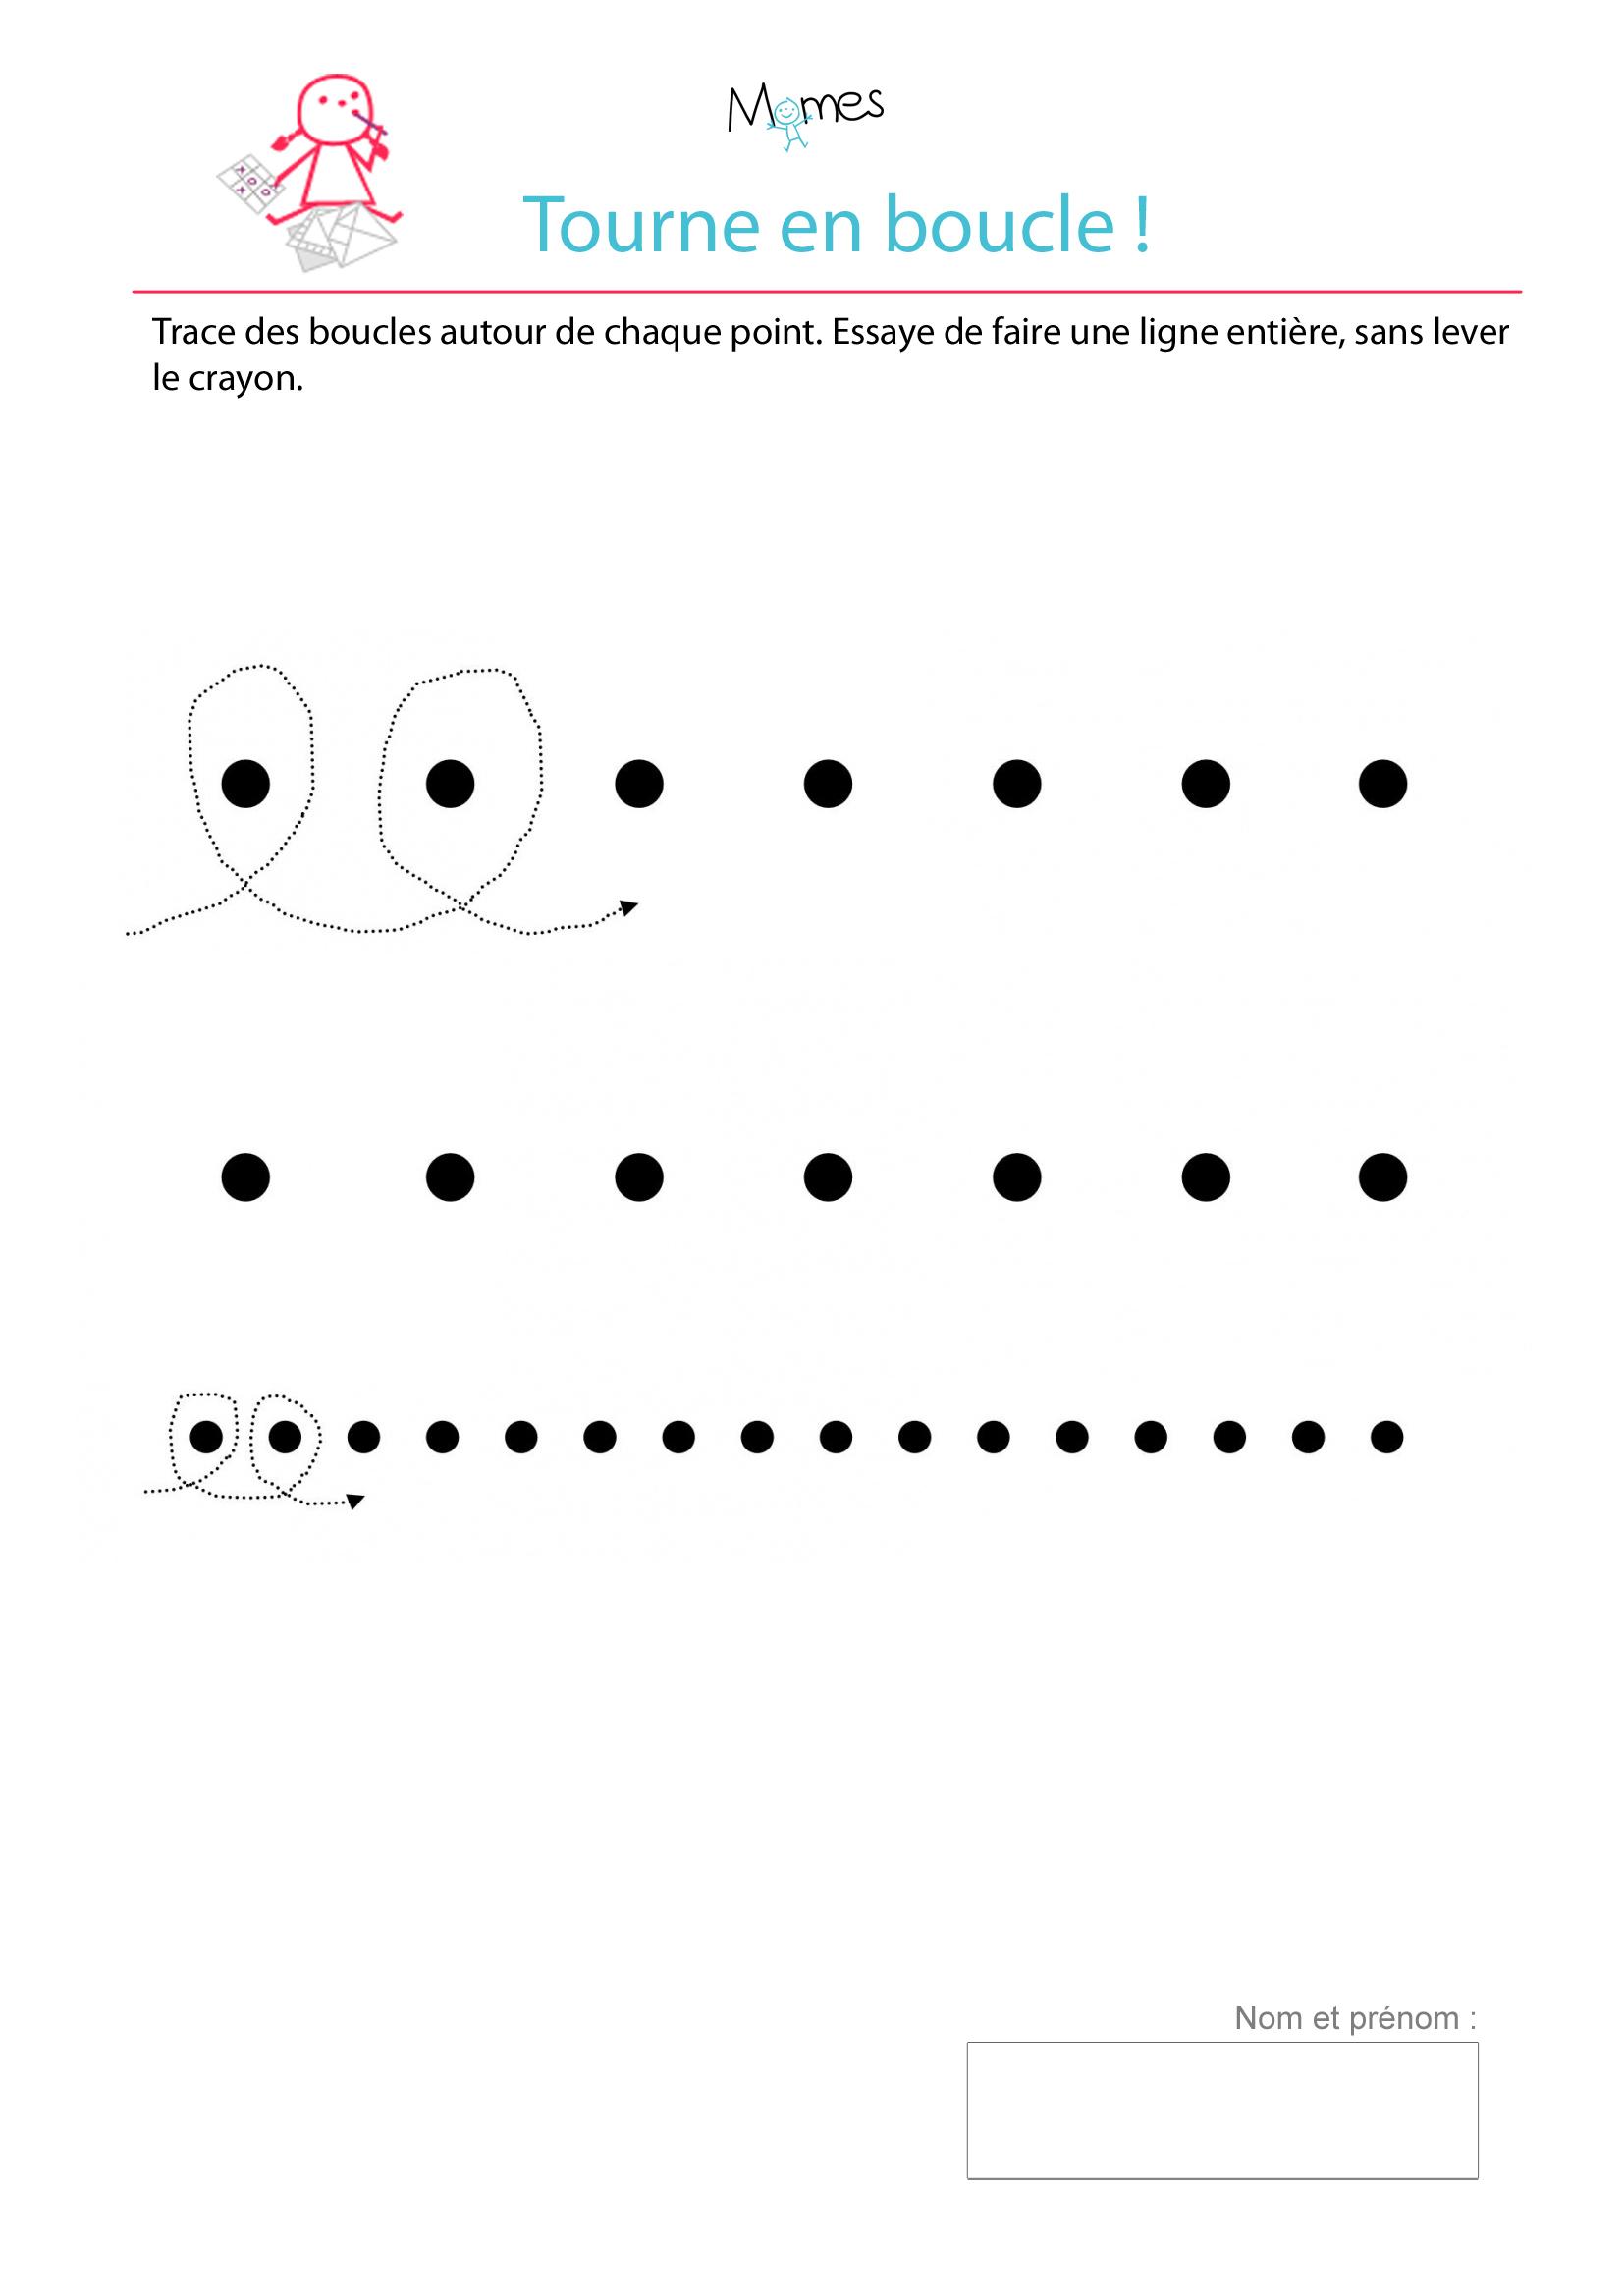 Exercice D'écriture : Tracer Des Boucles Autour De Points à Exercice Petite Section En Ligne